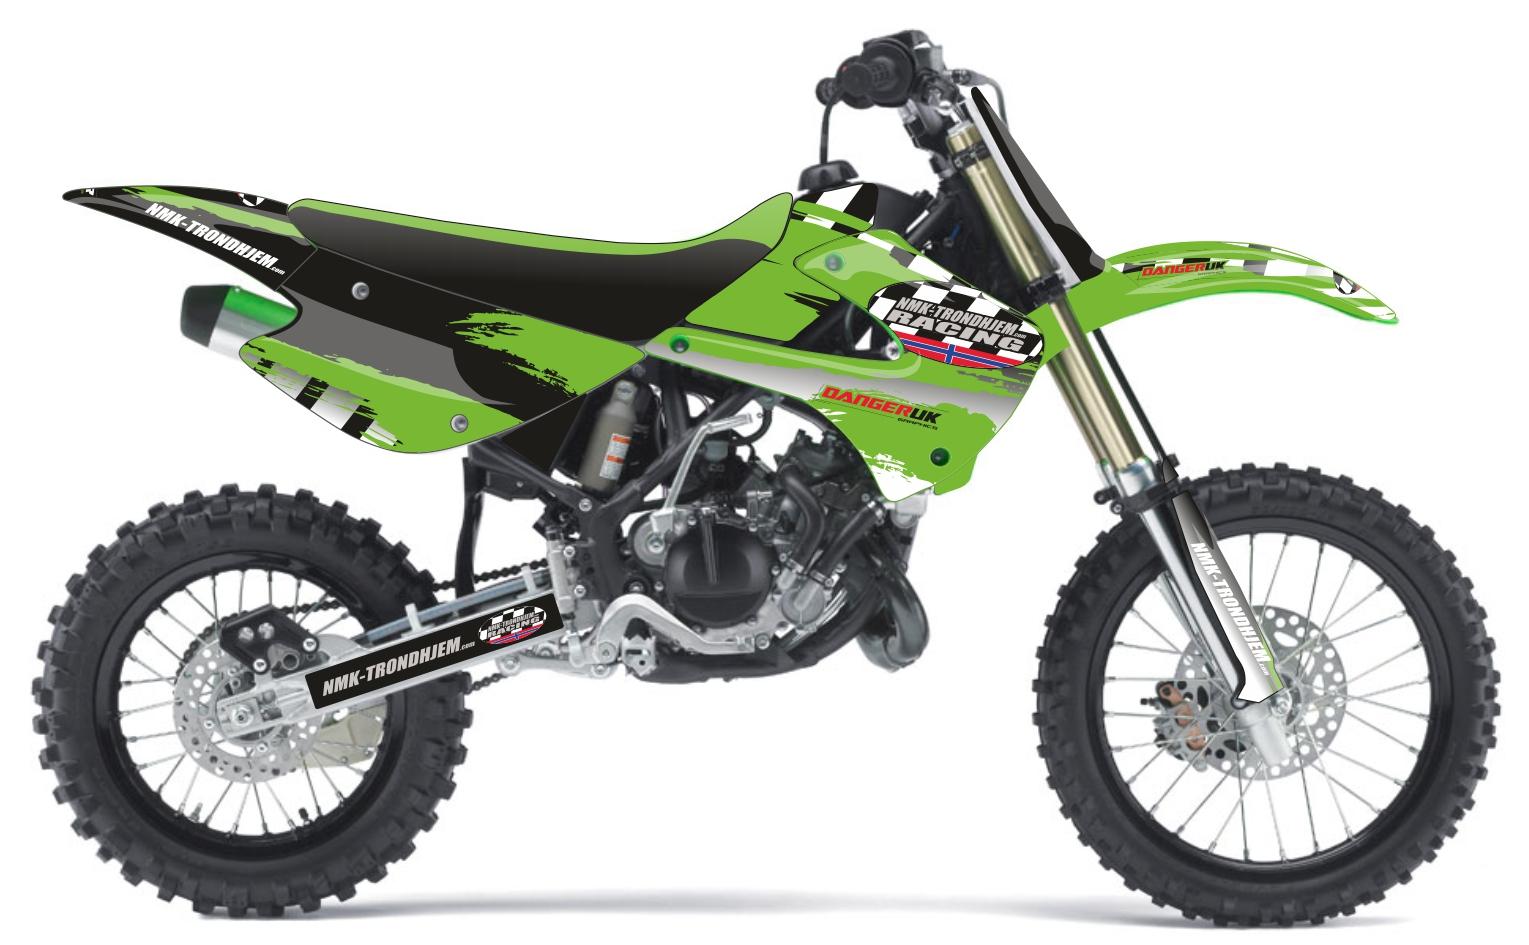 Custom bike NMK